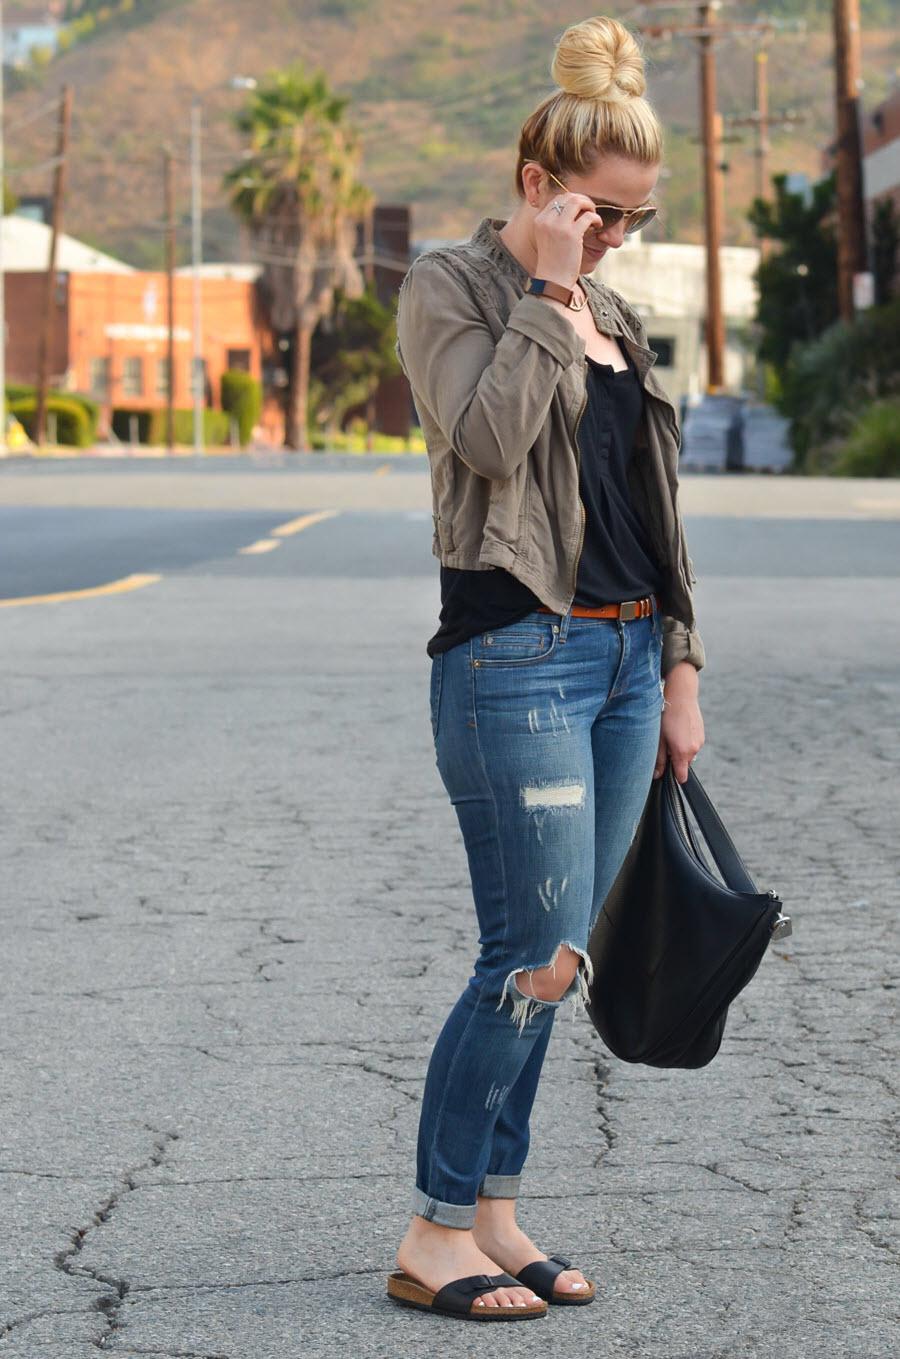 Birkenstocks + Jeans - Chic Birkenstocks Outfit Ideas for Women-